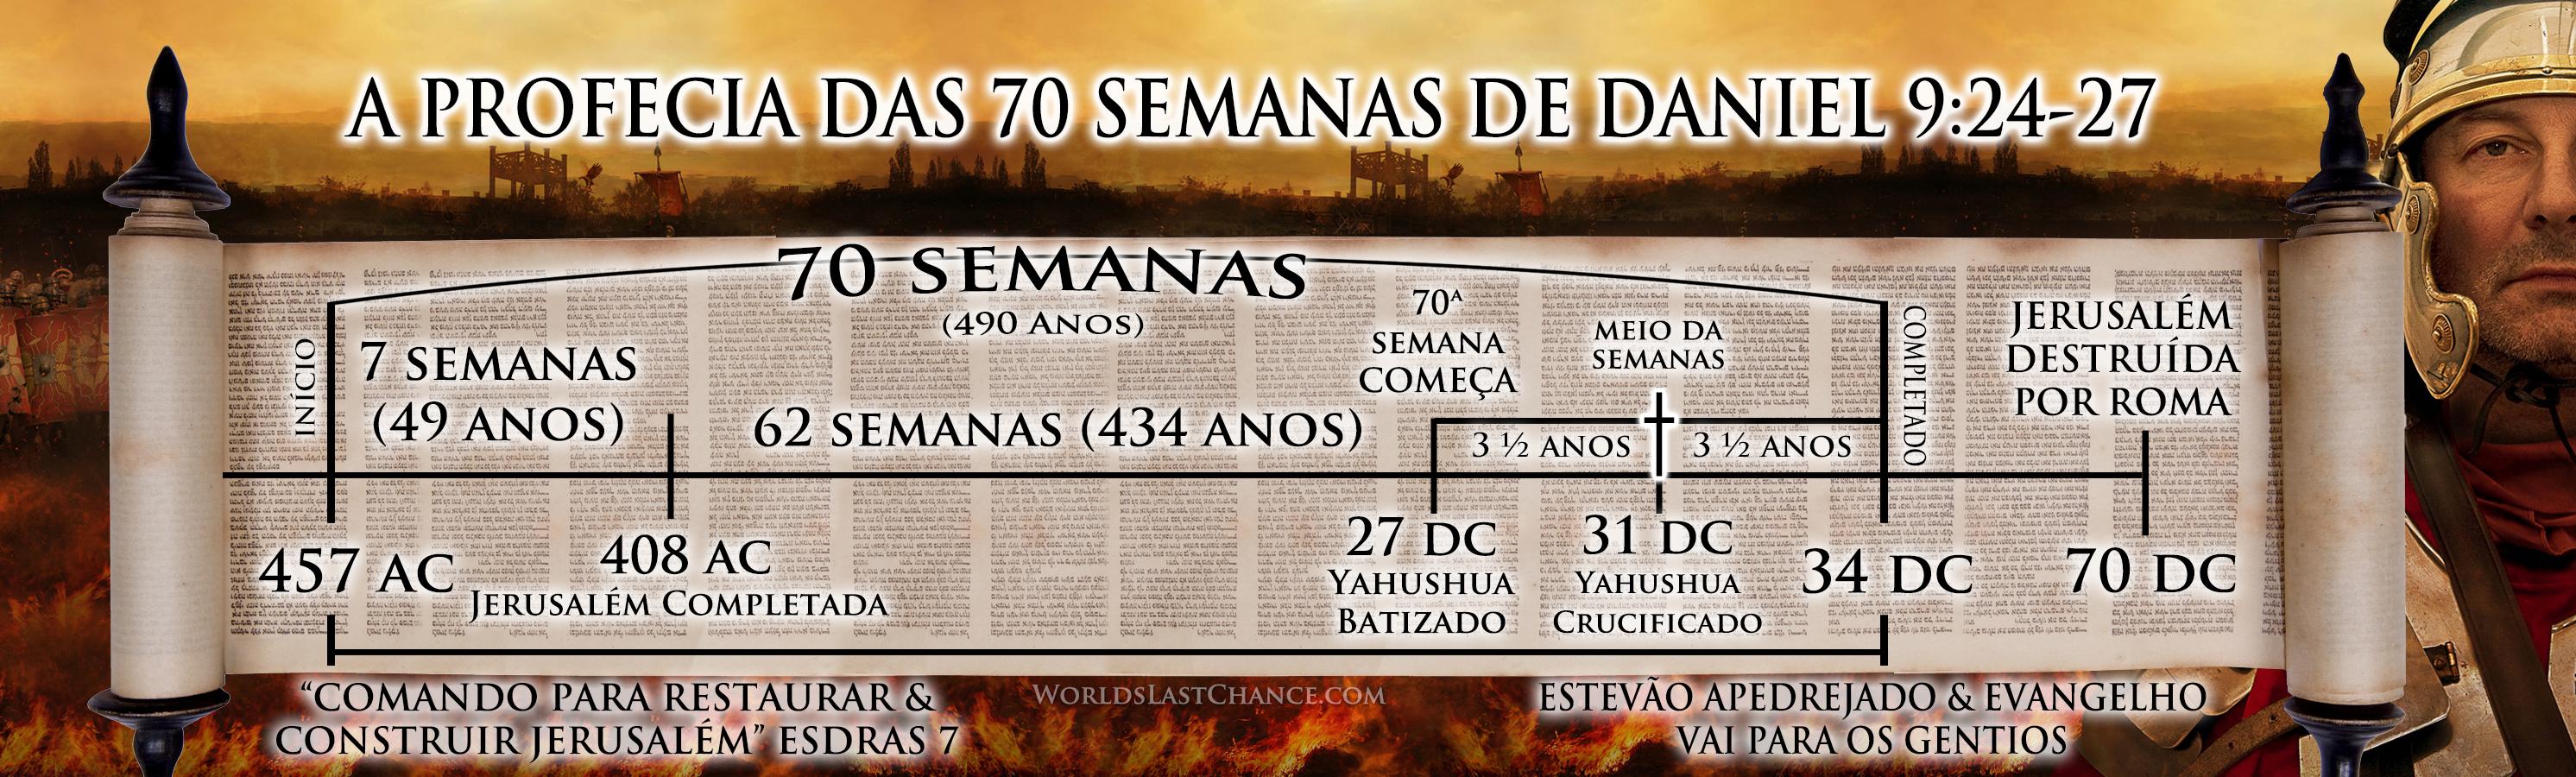 A PROFECIA DAS 70 SEMANAS DE DANIEL 9:24-27